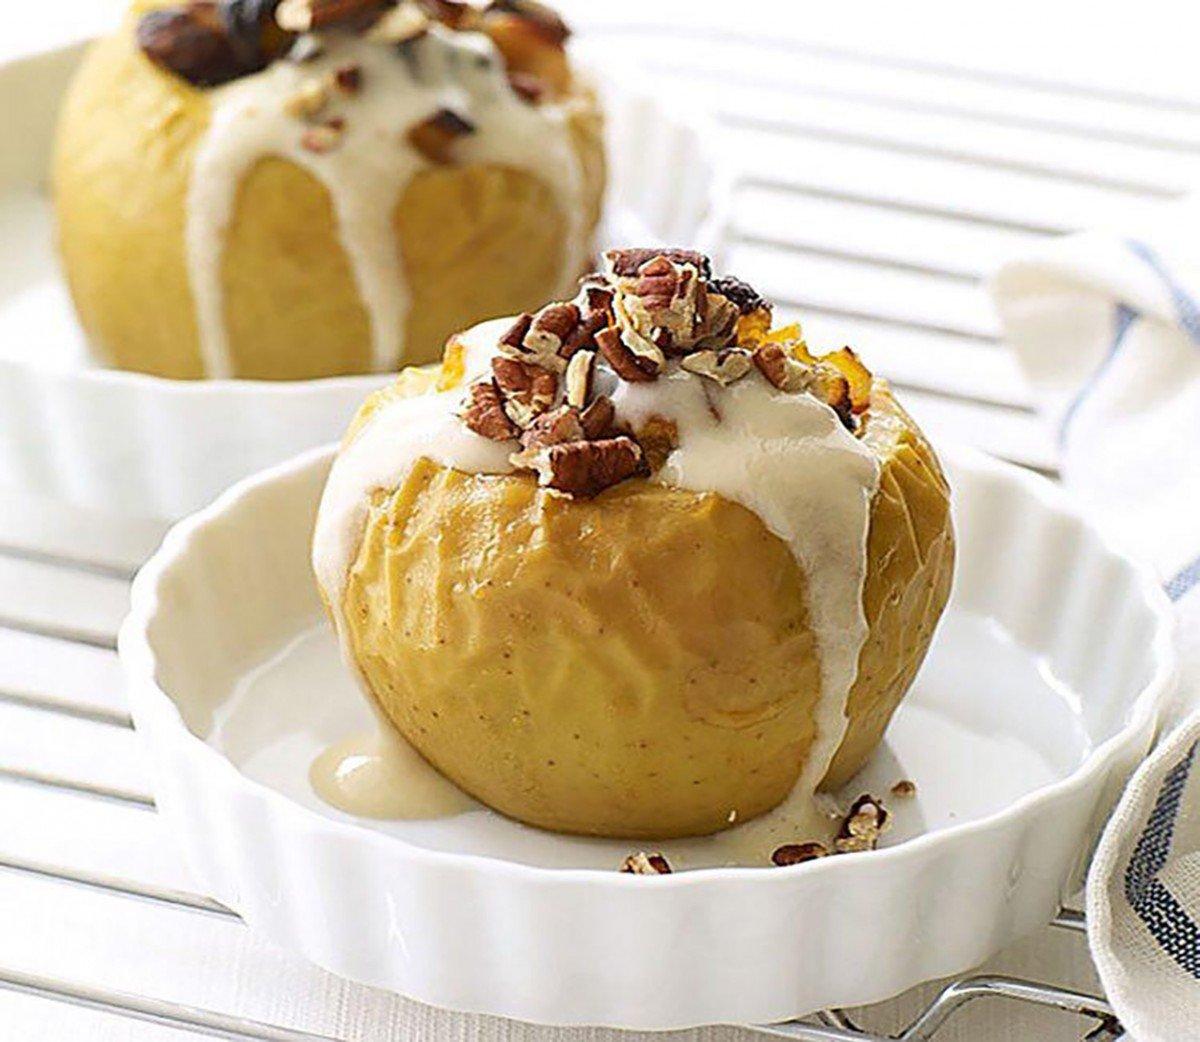 экономистом управлении десерты из яблок рецепты с фото вам большое